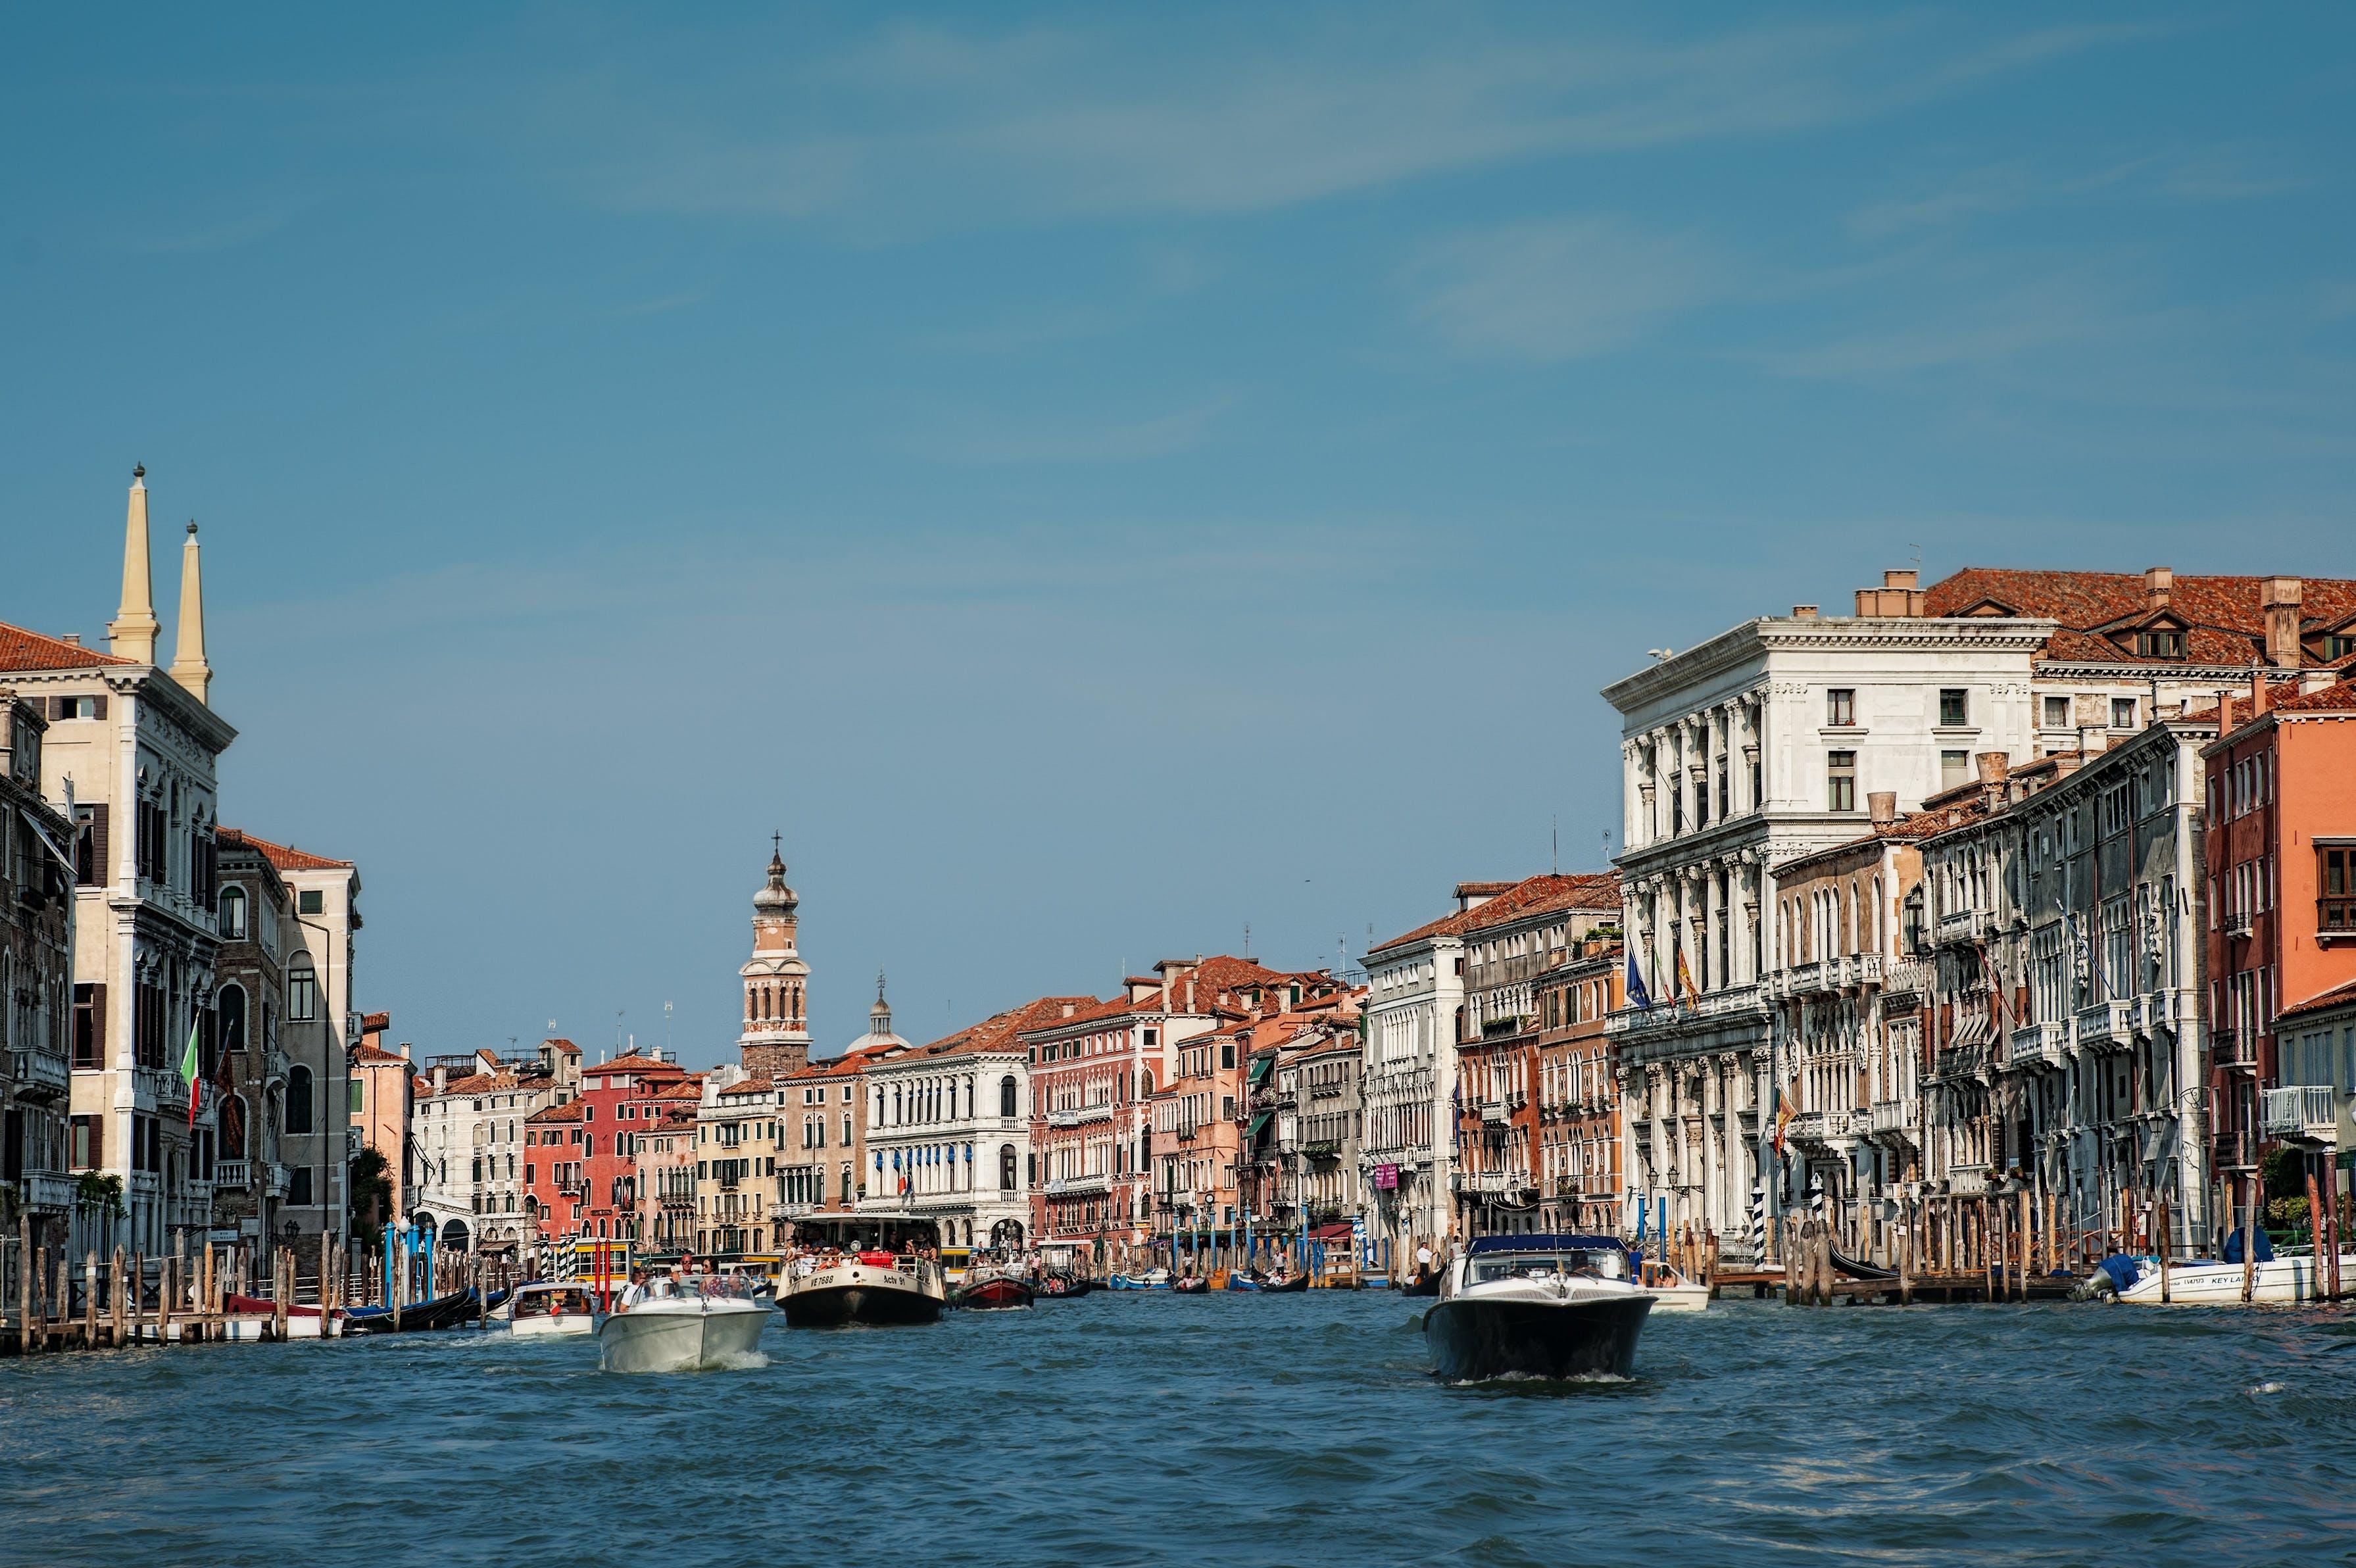 zu architektur, gebäude, gondel, italien